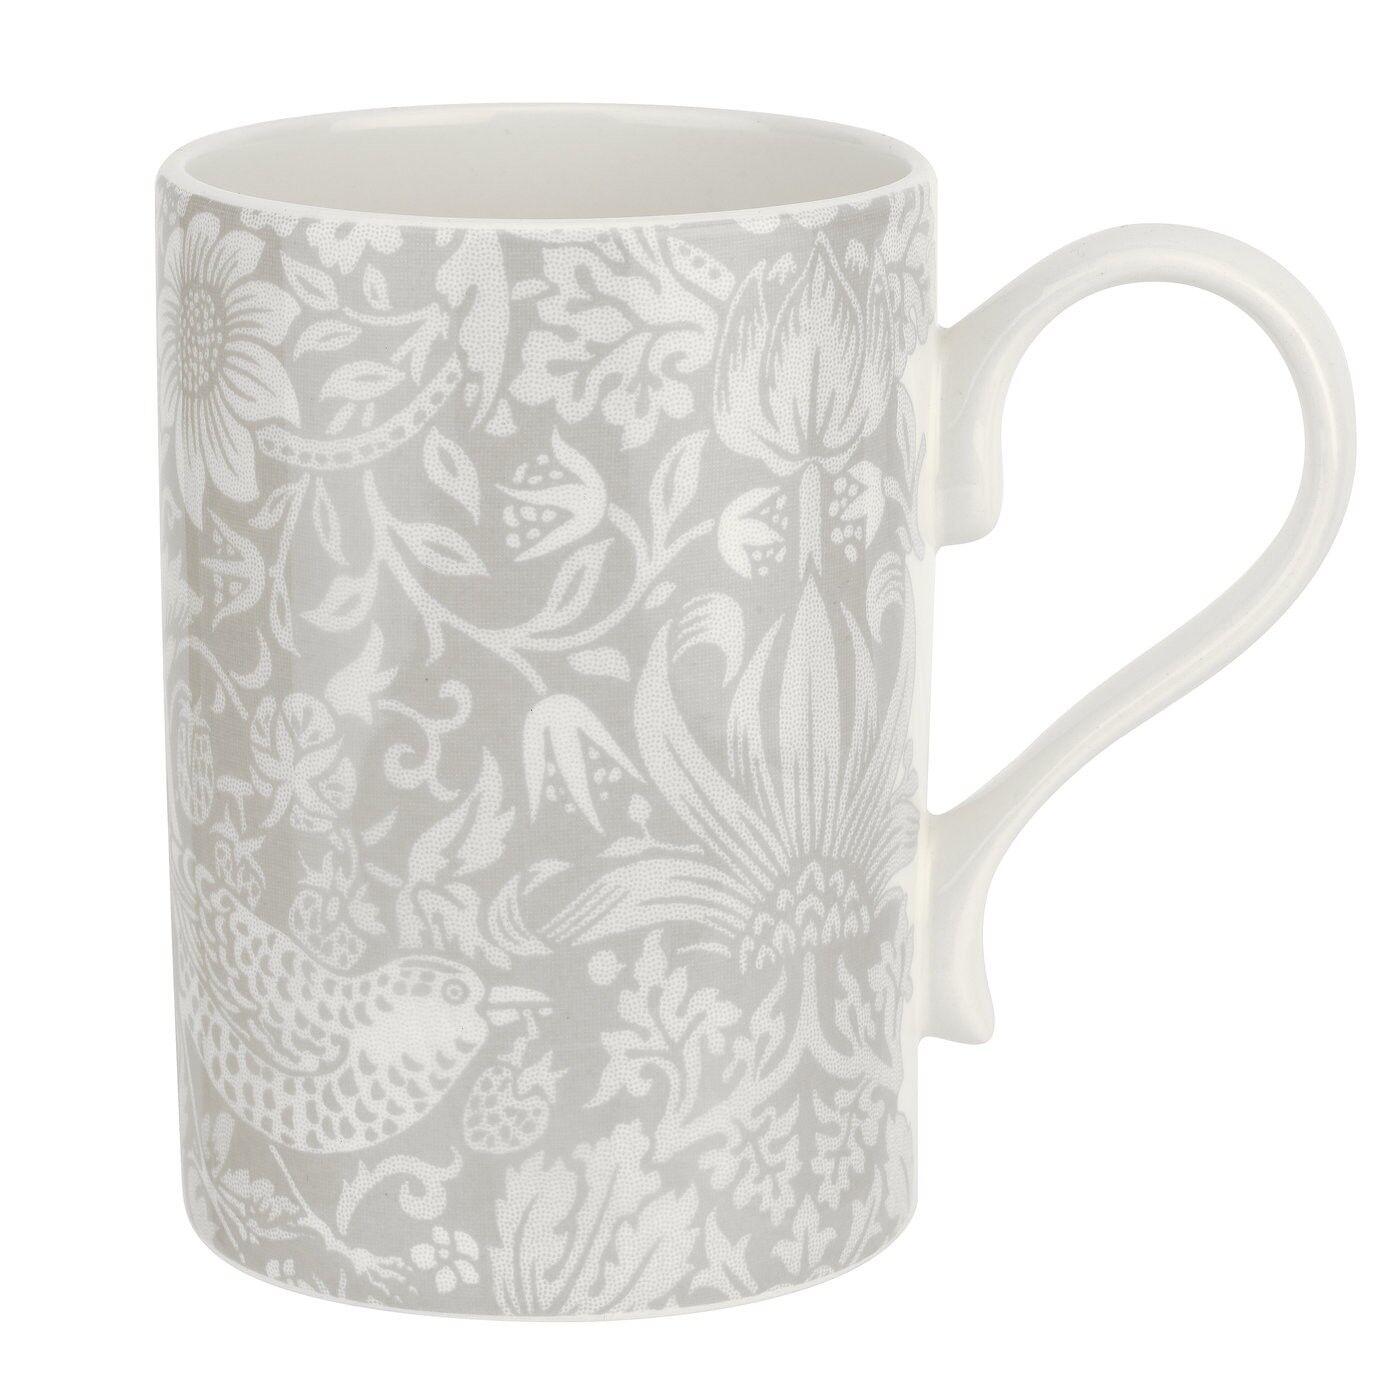 Spode Pure Morris Strawberry Thief Mug, 34 cl